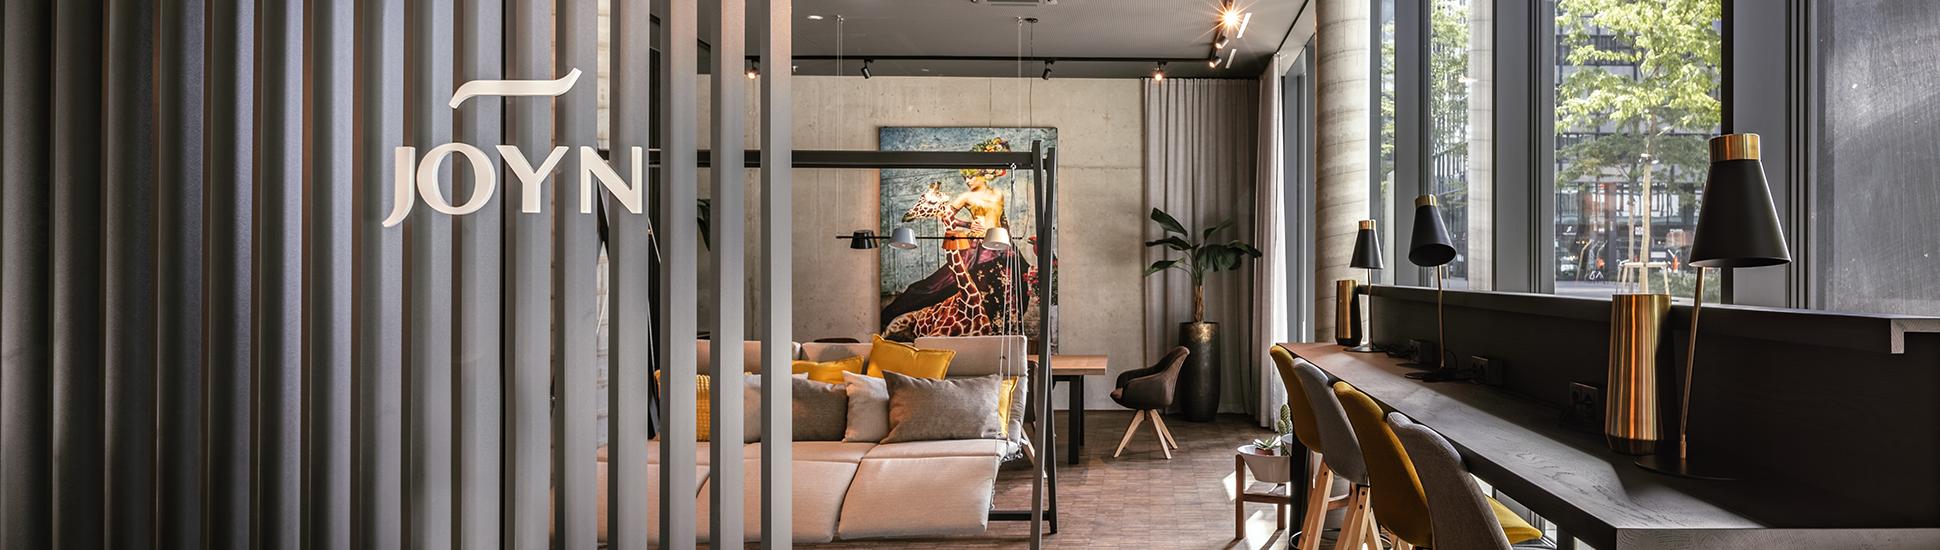 Sitzmöglichkeiten in der Community-Area des JOYN Serviced Apartments Wien